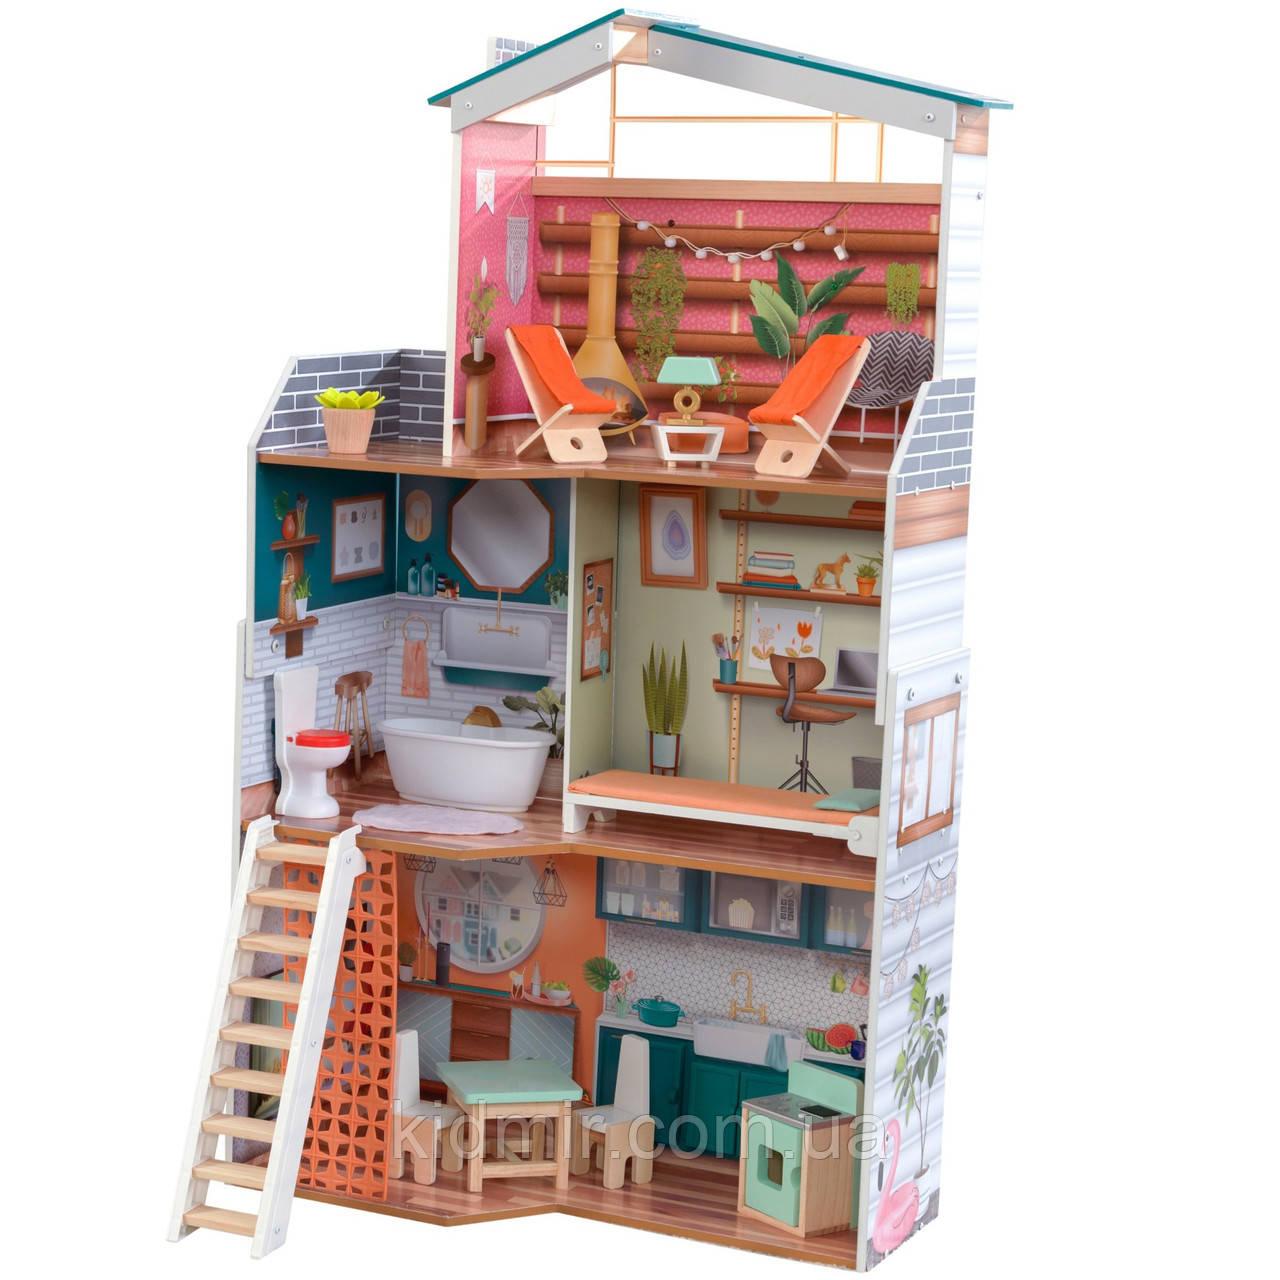 Кукольный дом с мебелью Марлоу KidKraft Marlow 65985